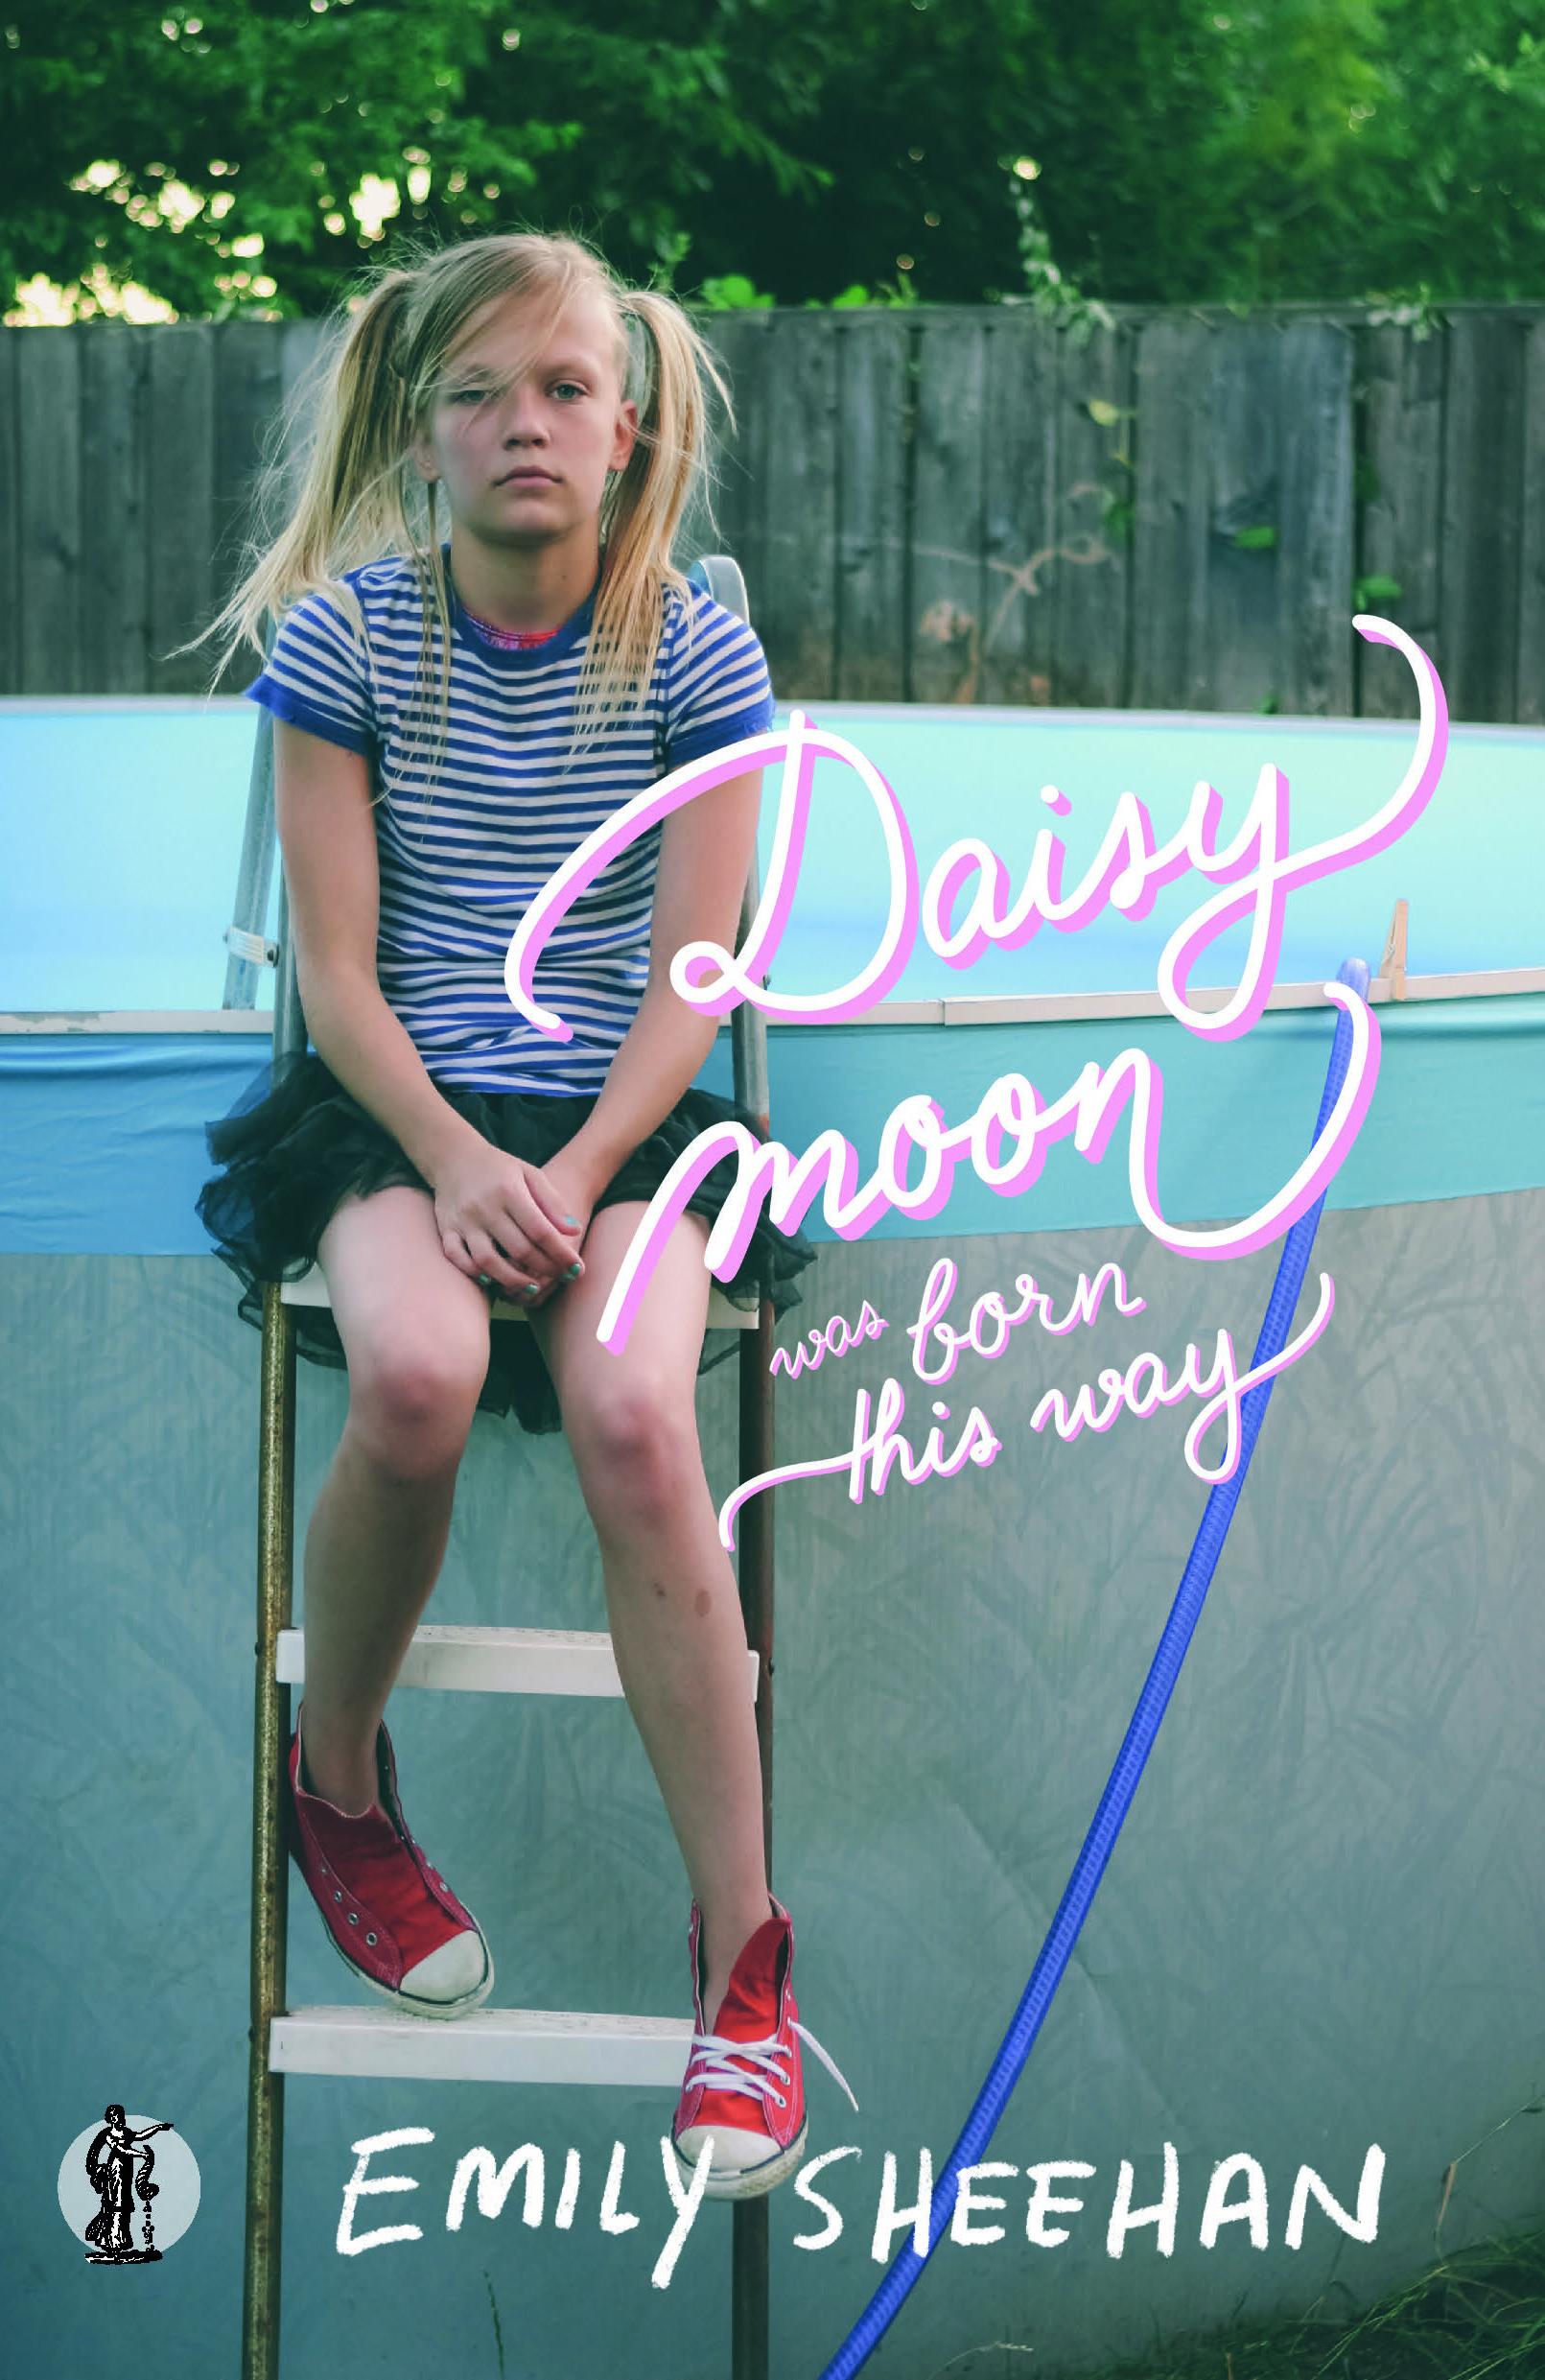 Daisy Moon Was Born This Way